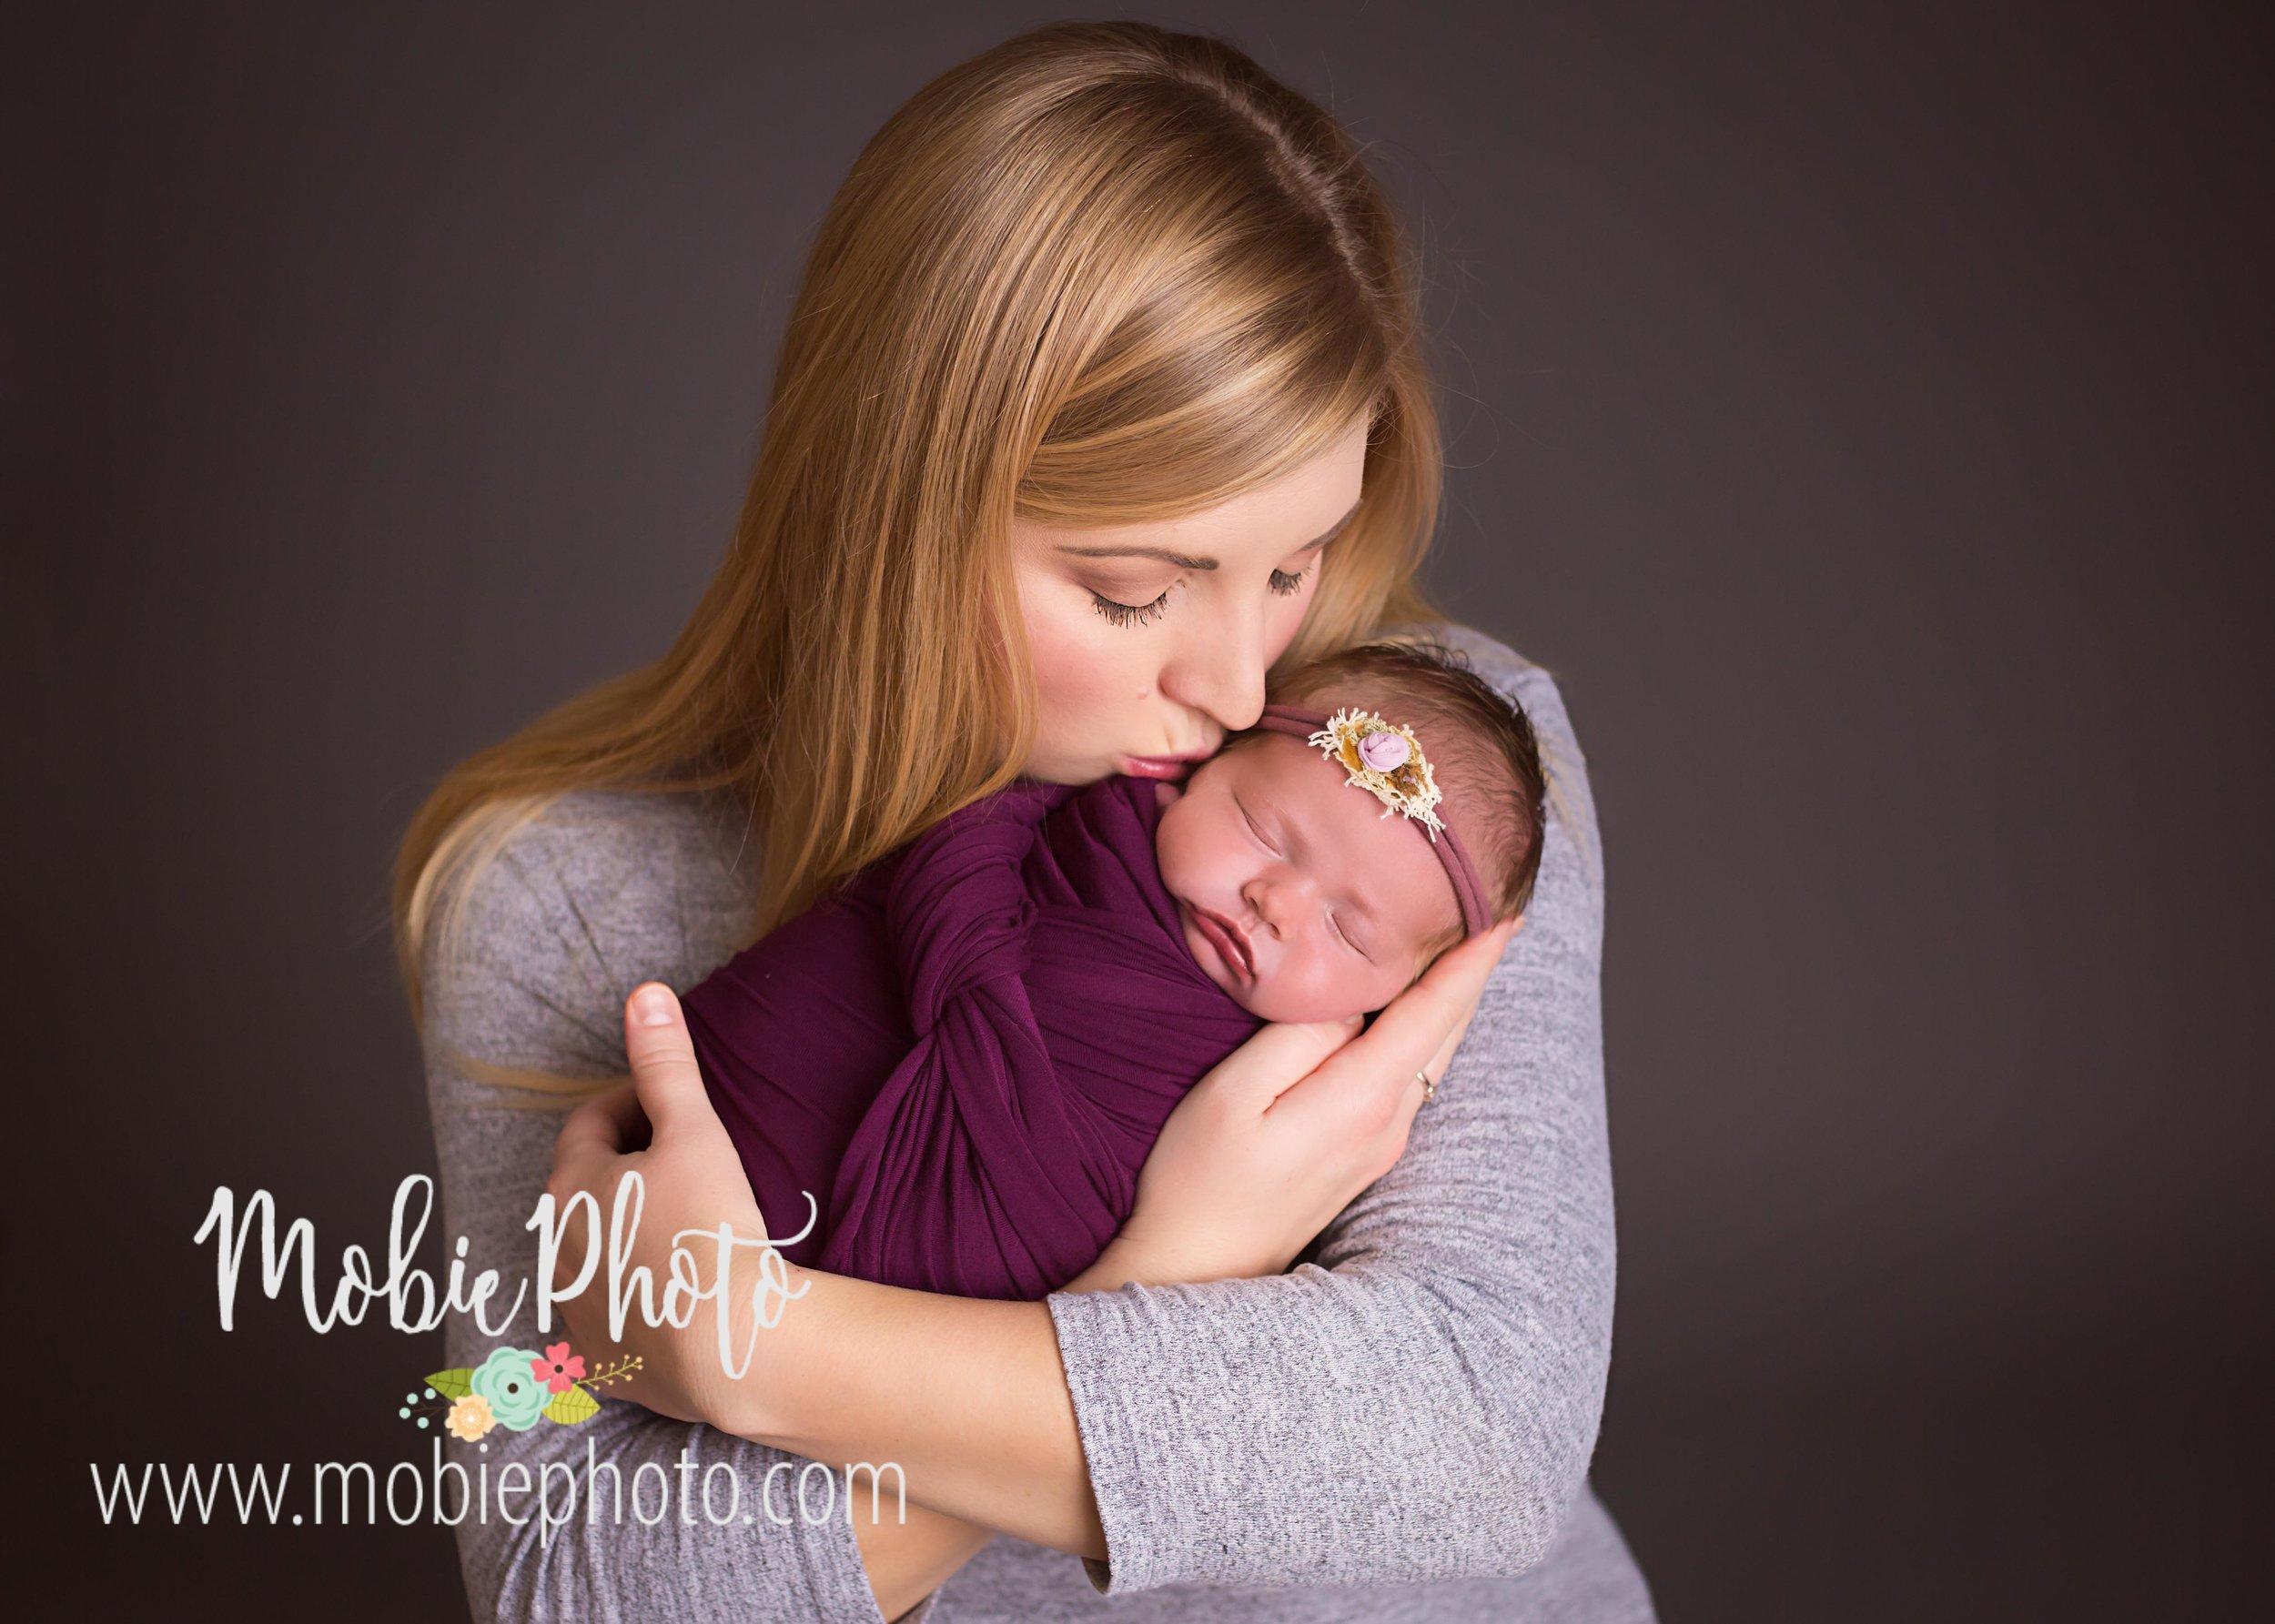 Newborn Baby Girl Photo Session - Mobie Photo - Utah Newborn Photographer